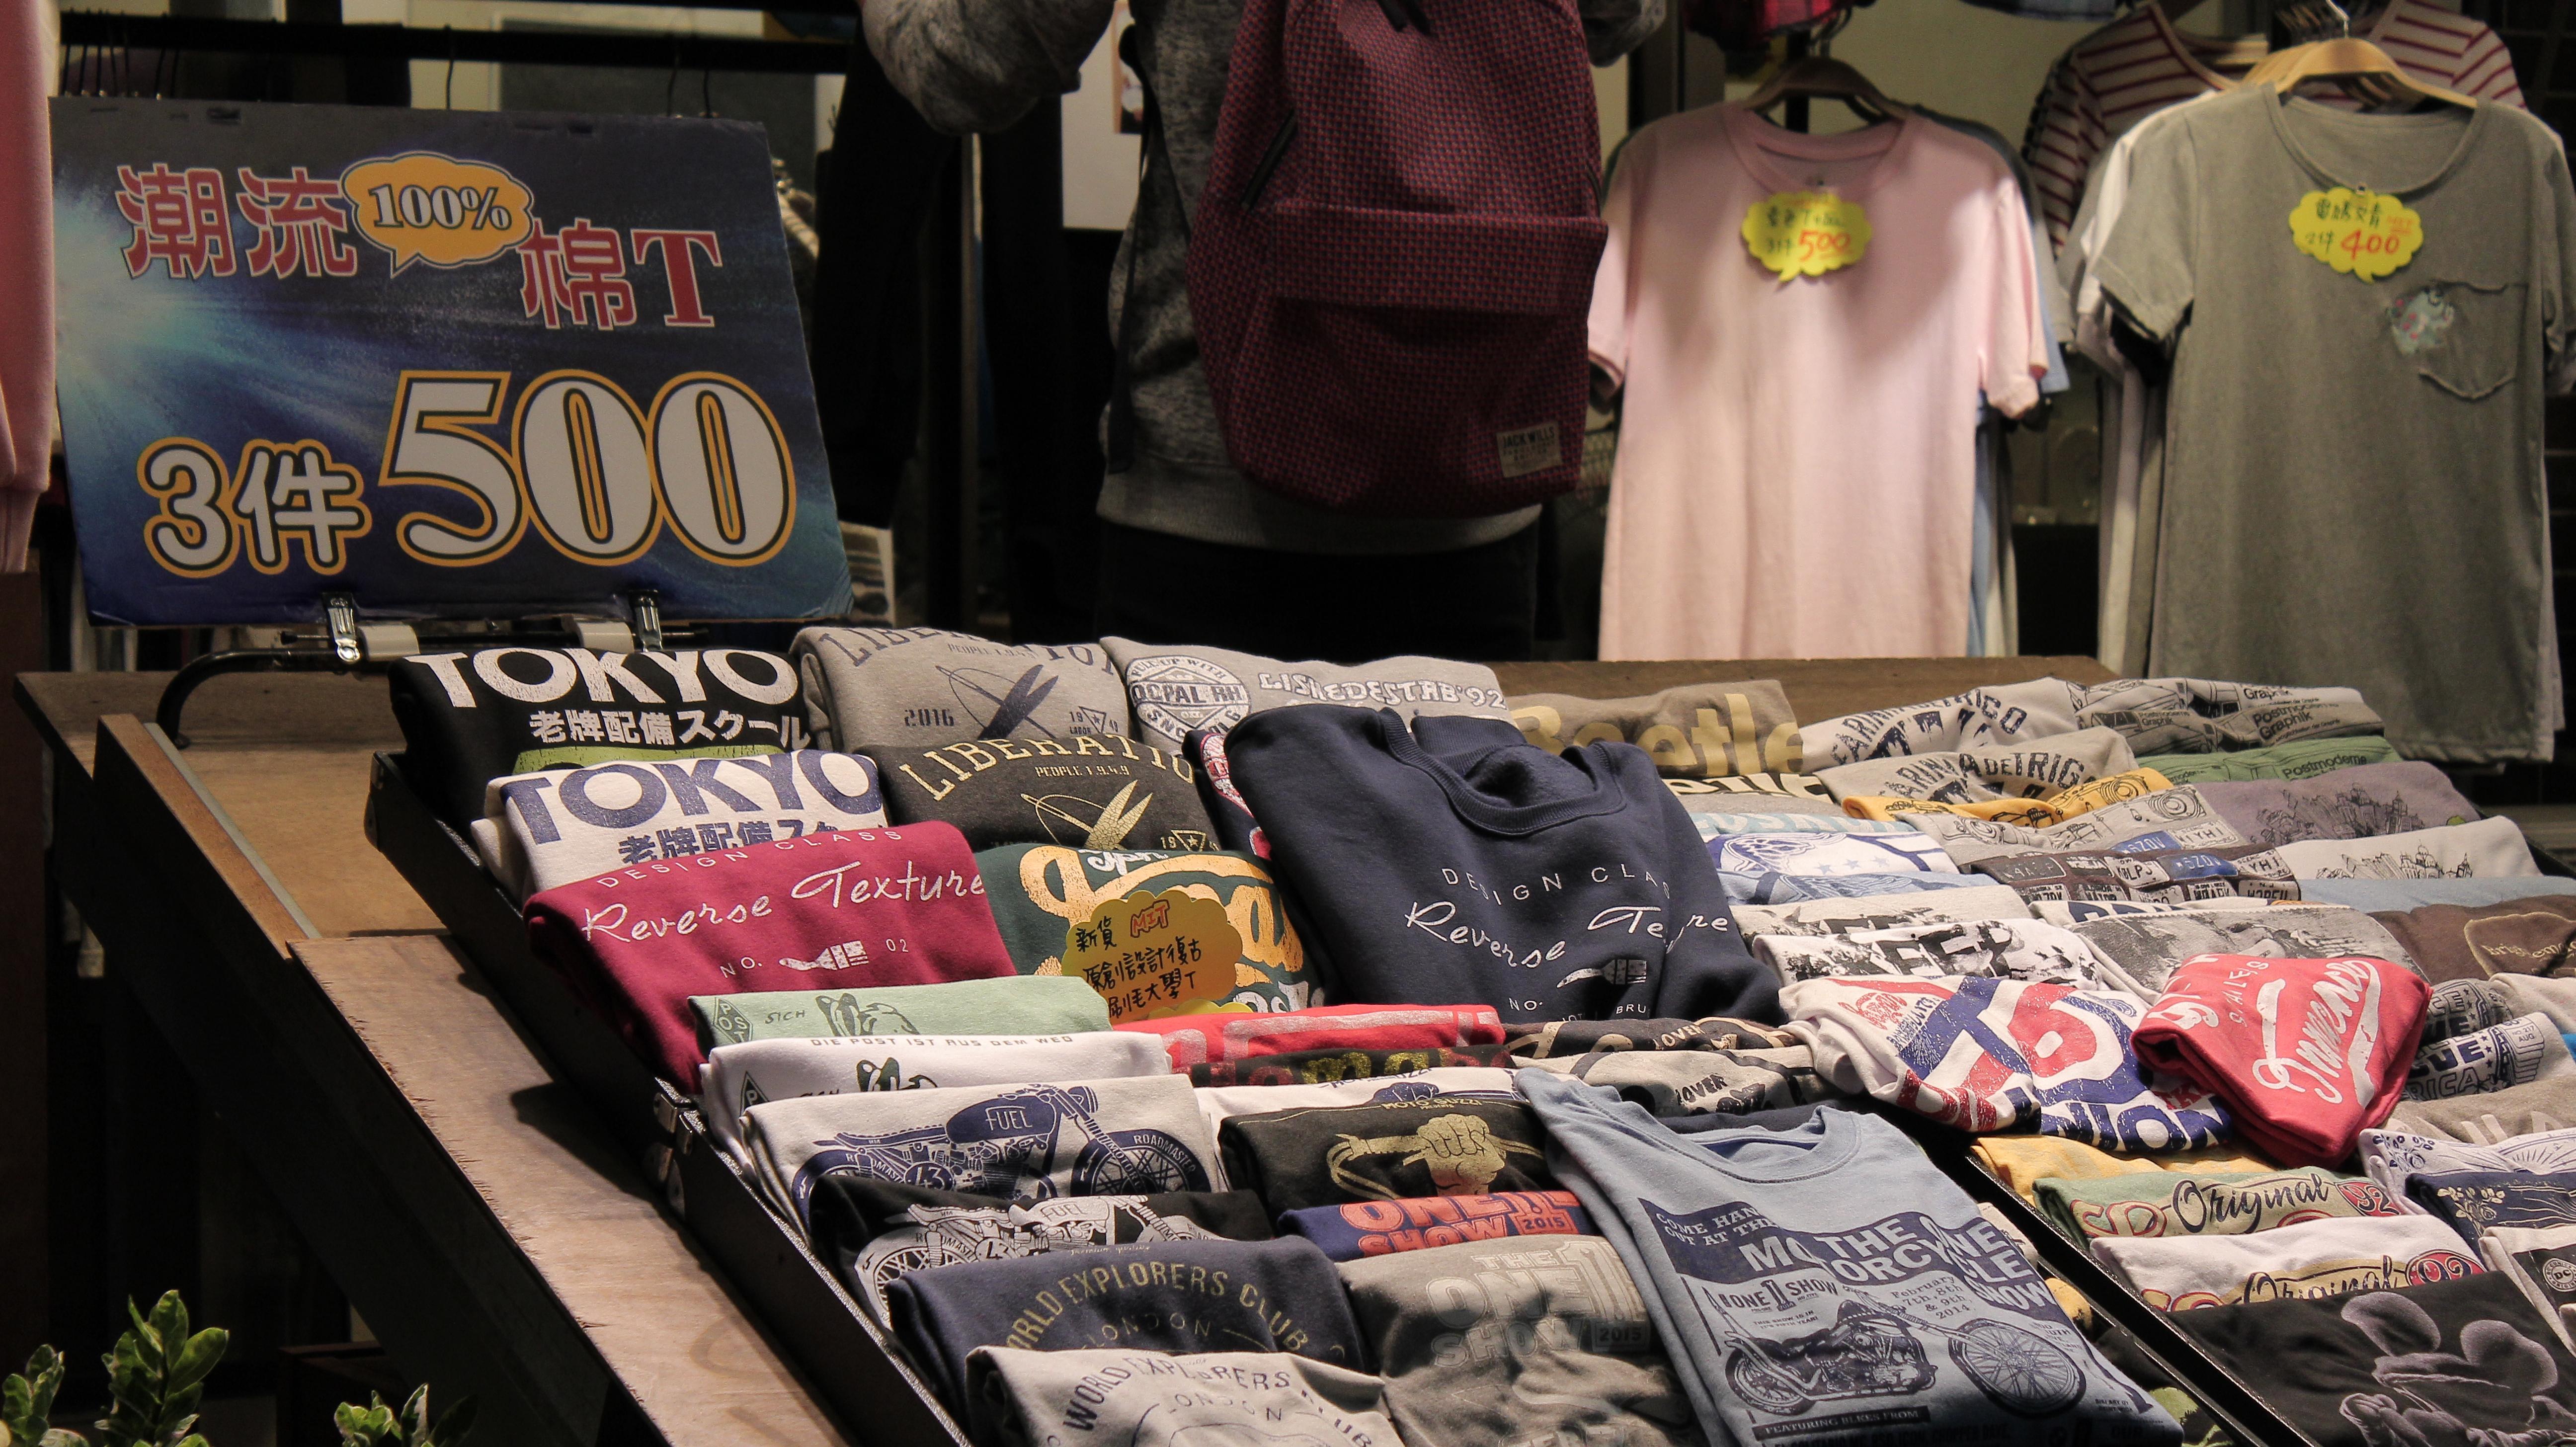 面對客流量減少的問題,服飾類商家大多以低價或特價銷售策略應對。 攝影/程怡靜